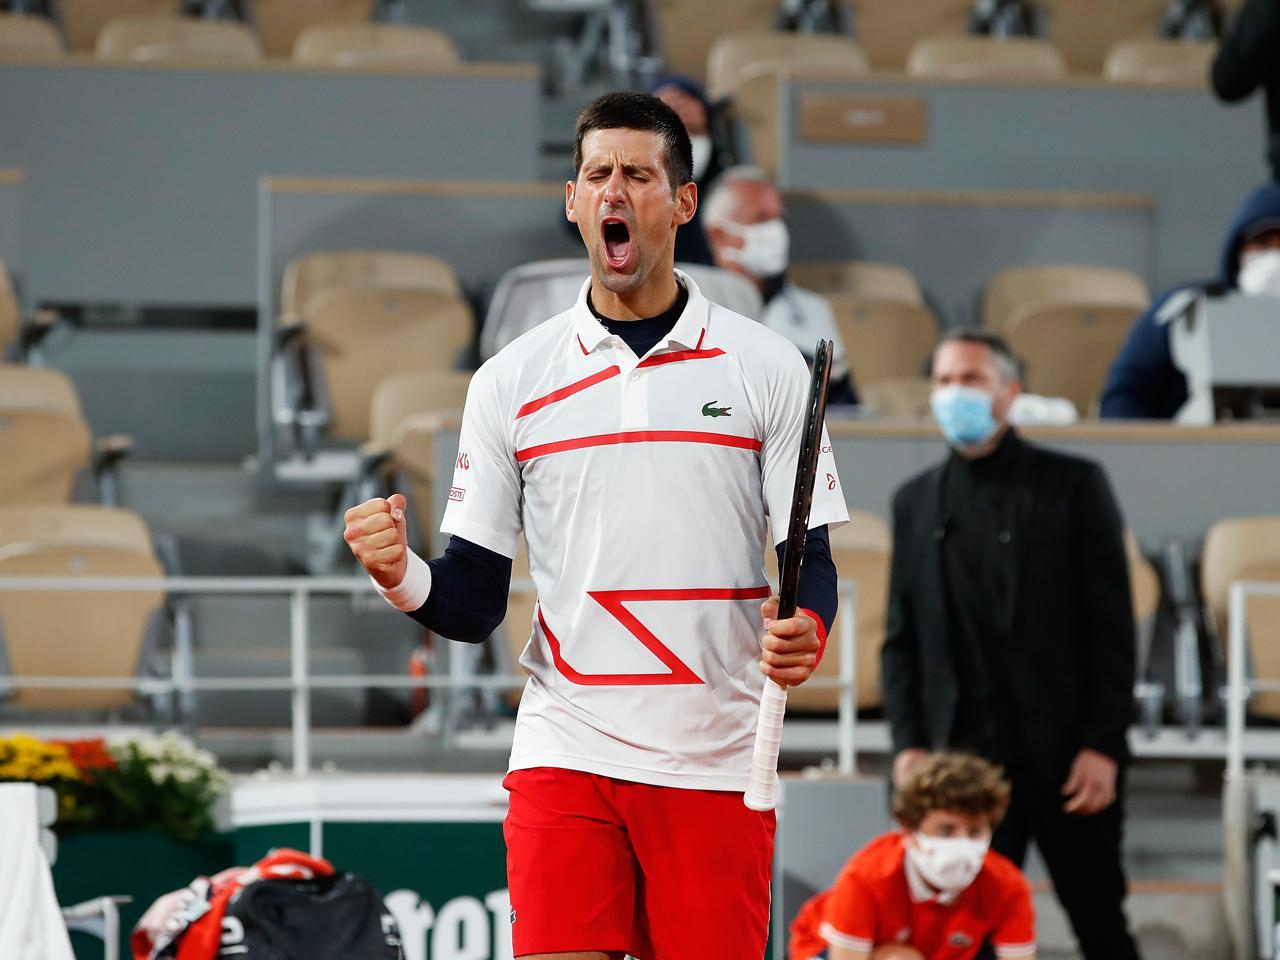 ジョコビッチが準決勝進出、USオープンの再戦でカレーニョ ブスタを ...